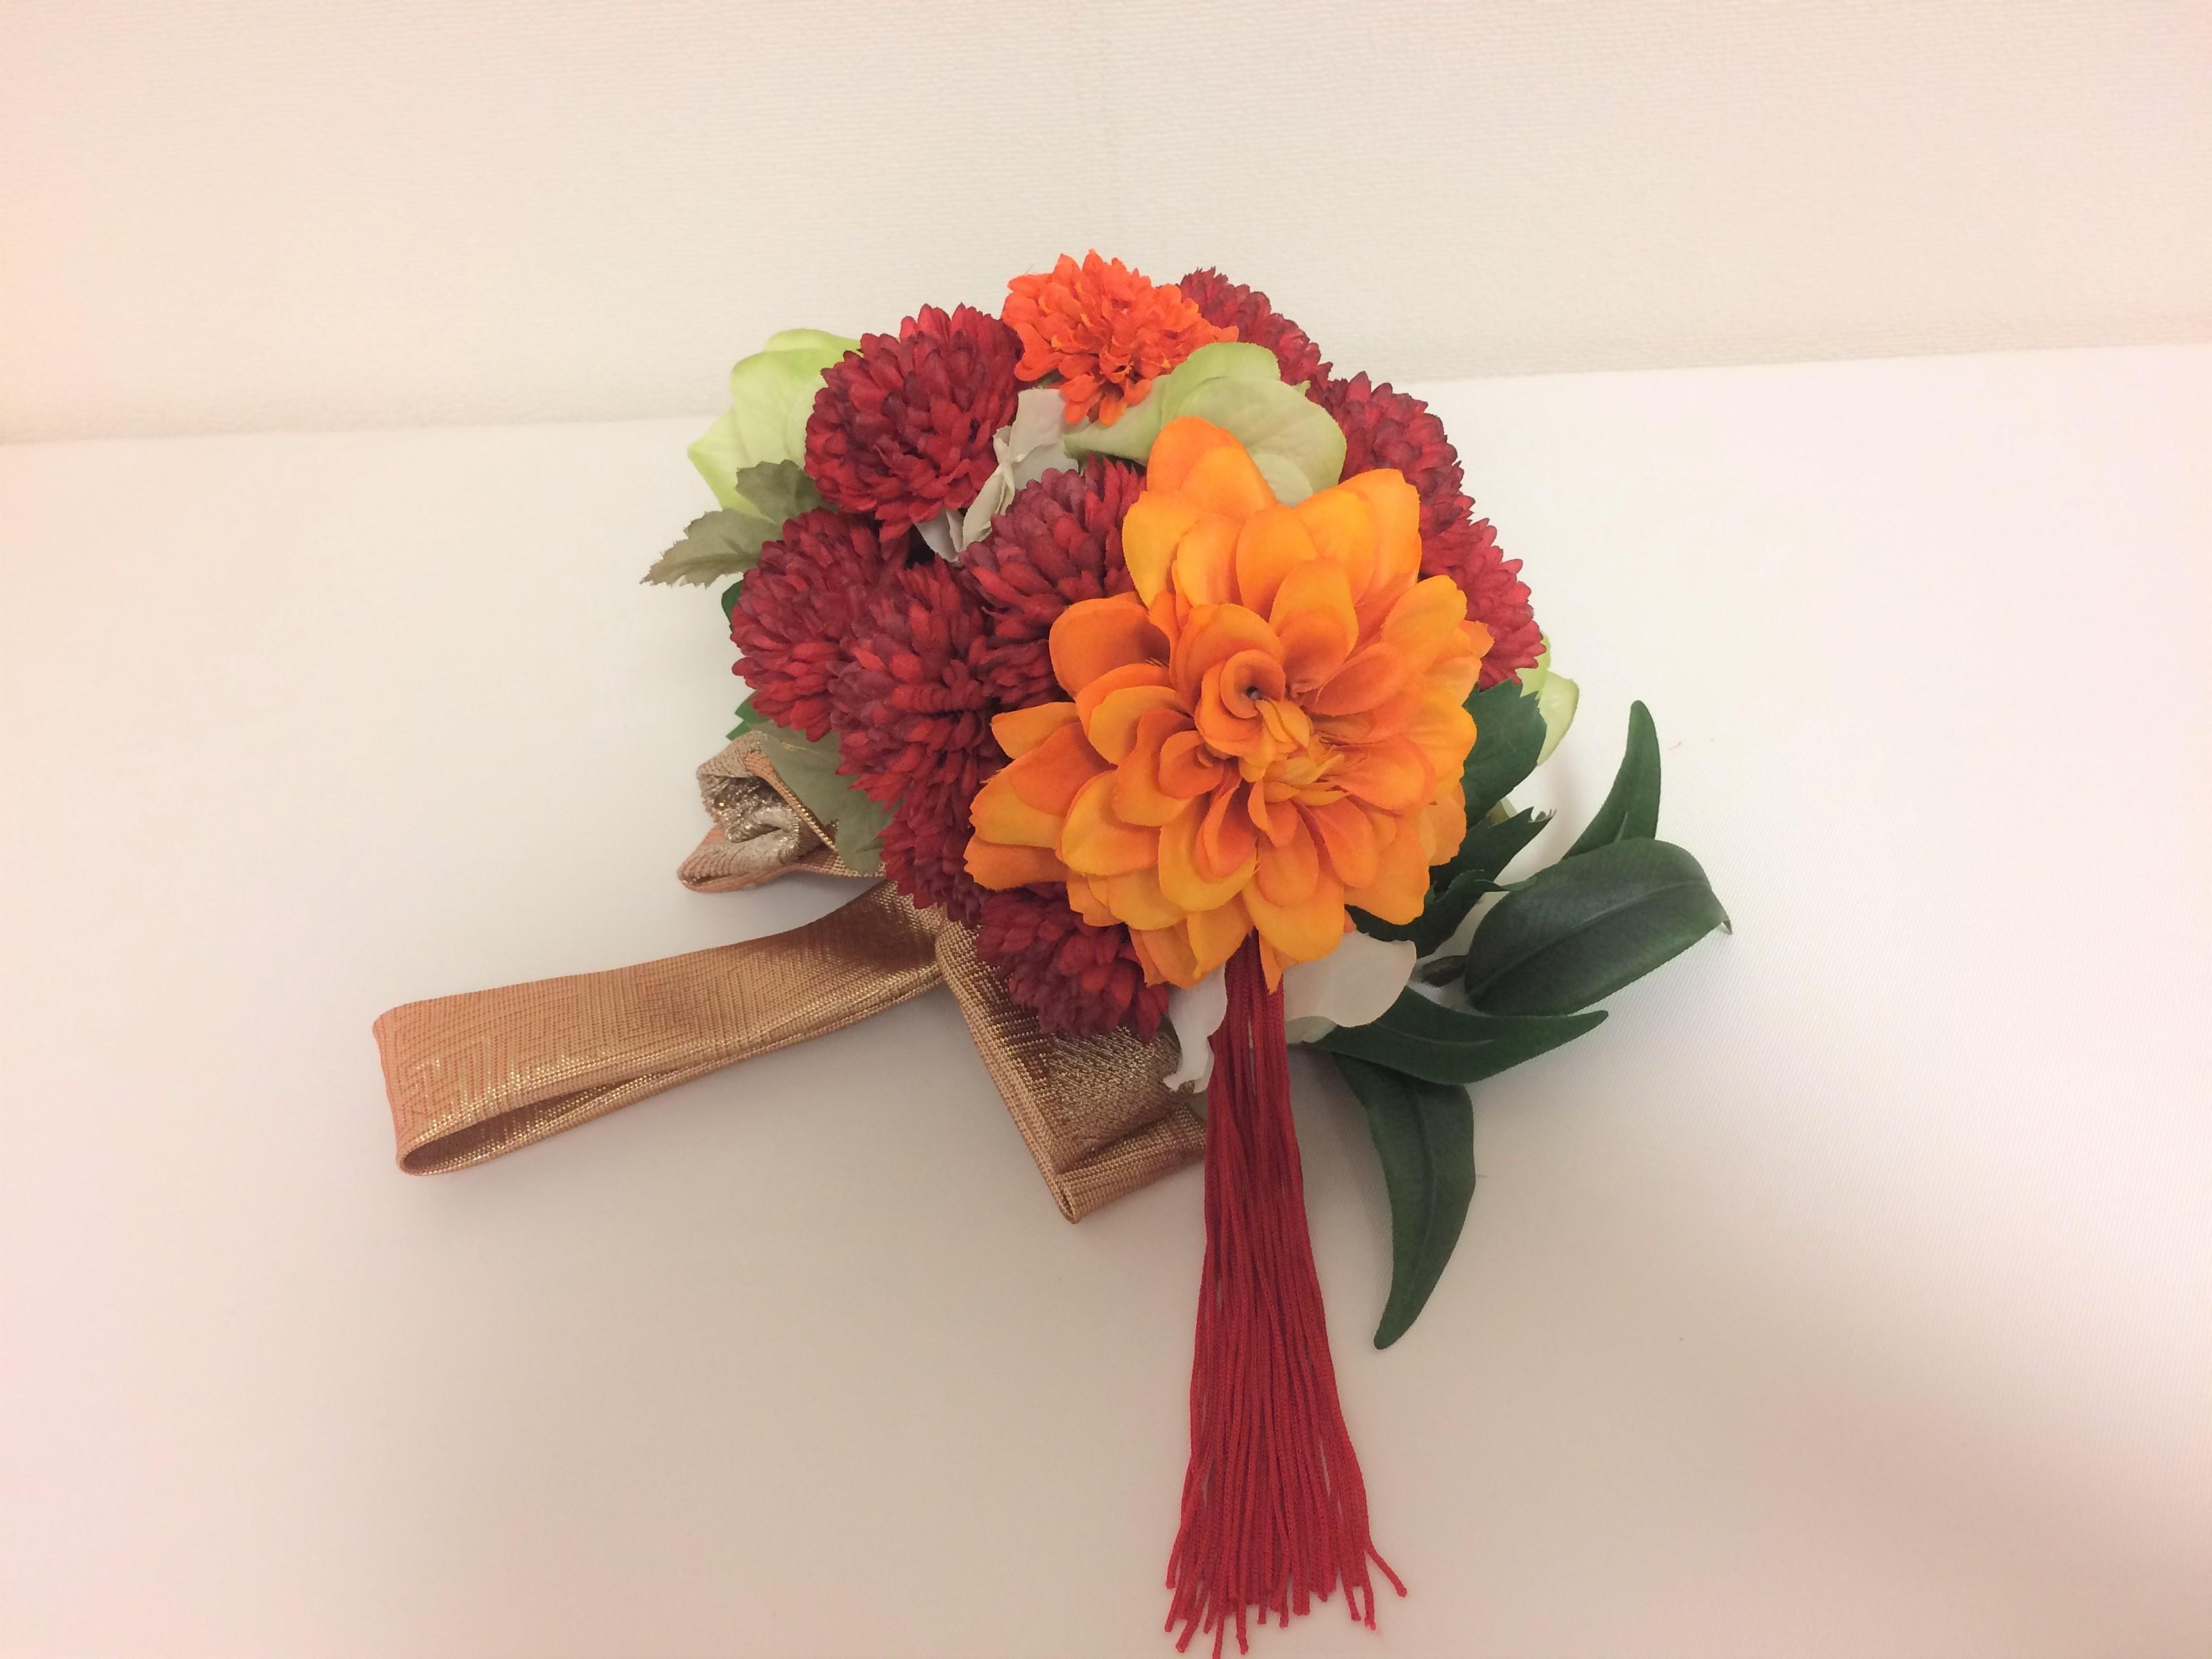 花嫁サロン和装ヘッドドレス&ブーケ hanayomesalon3